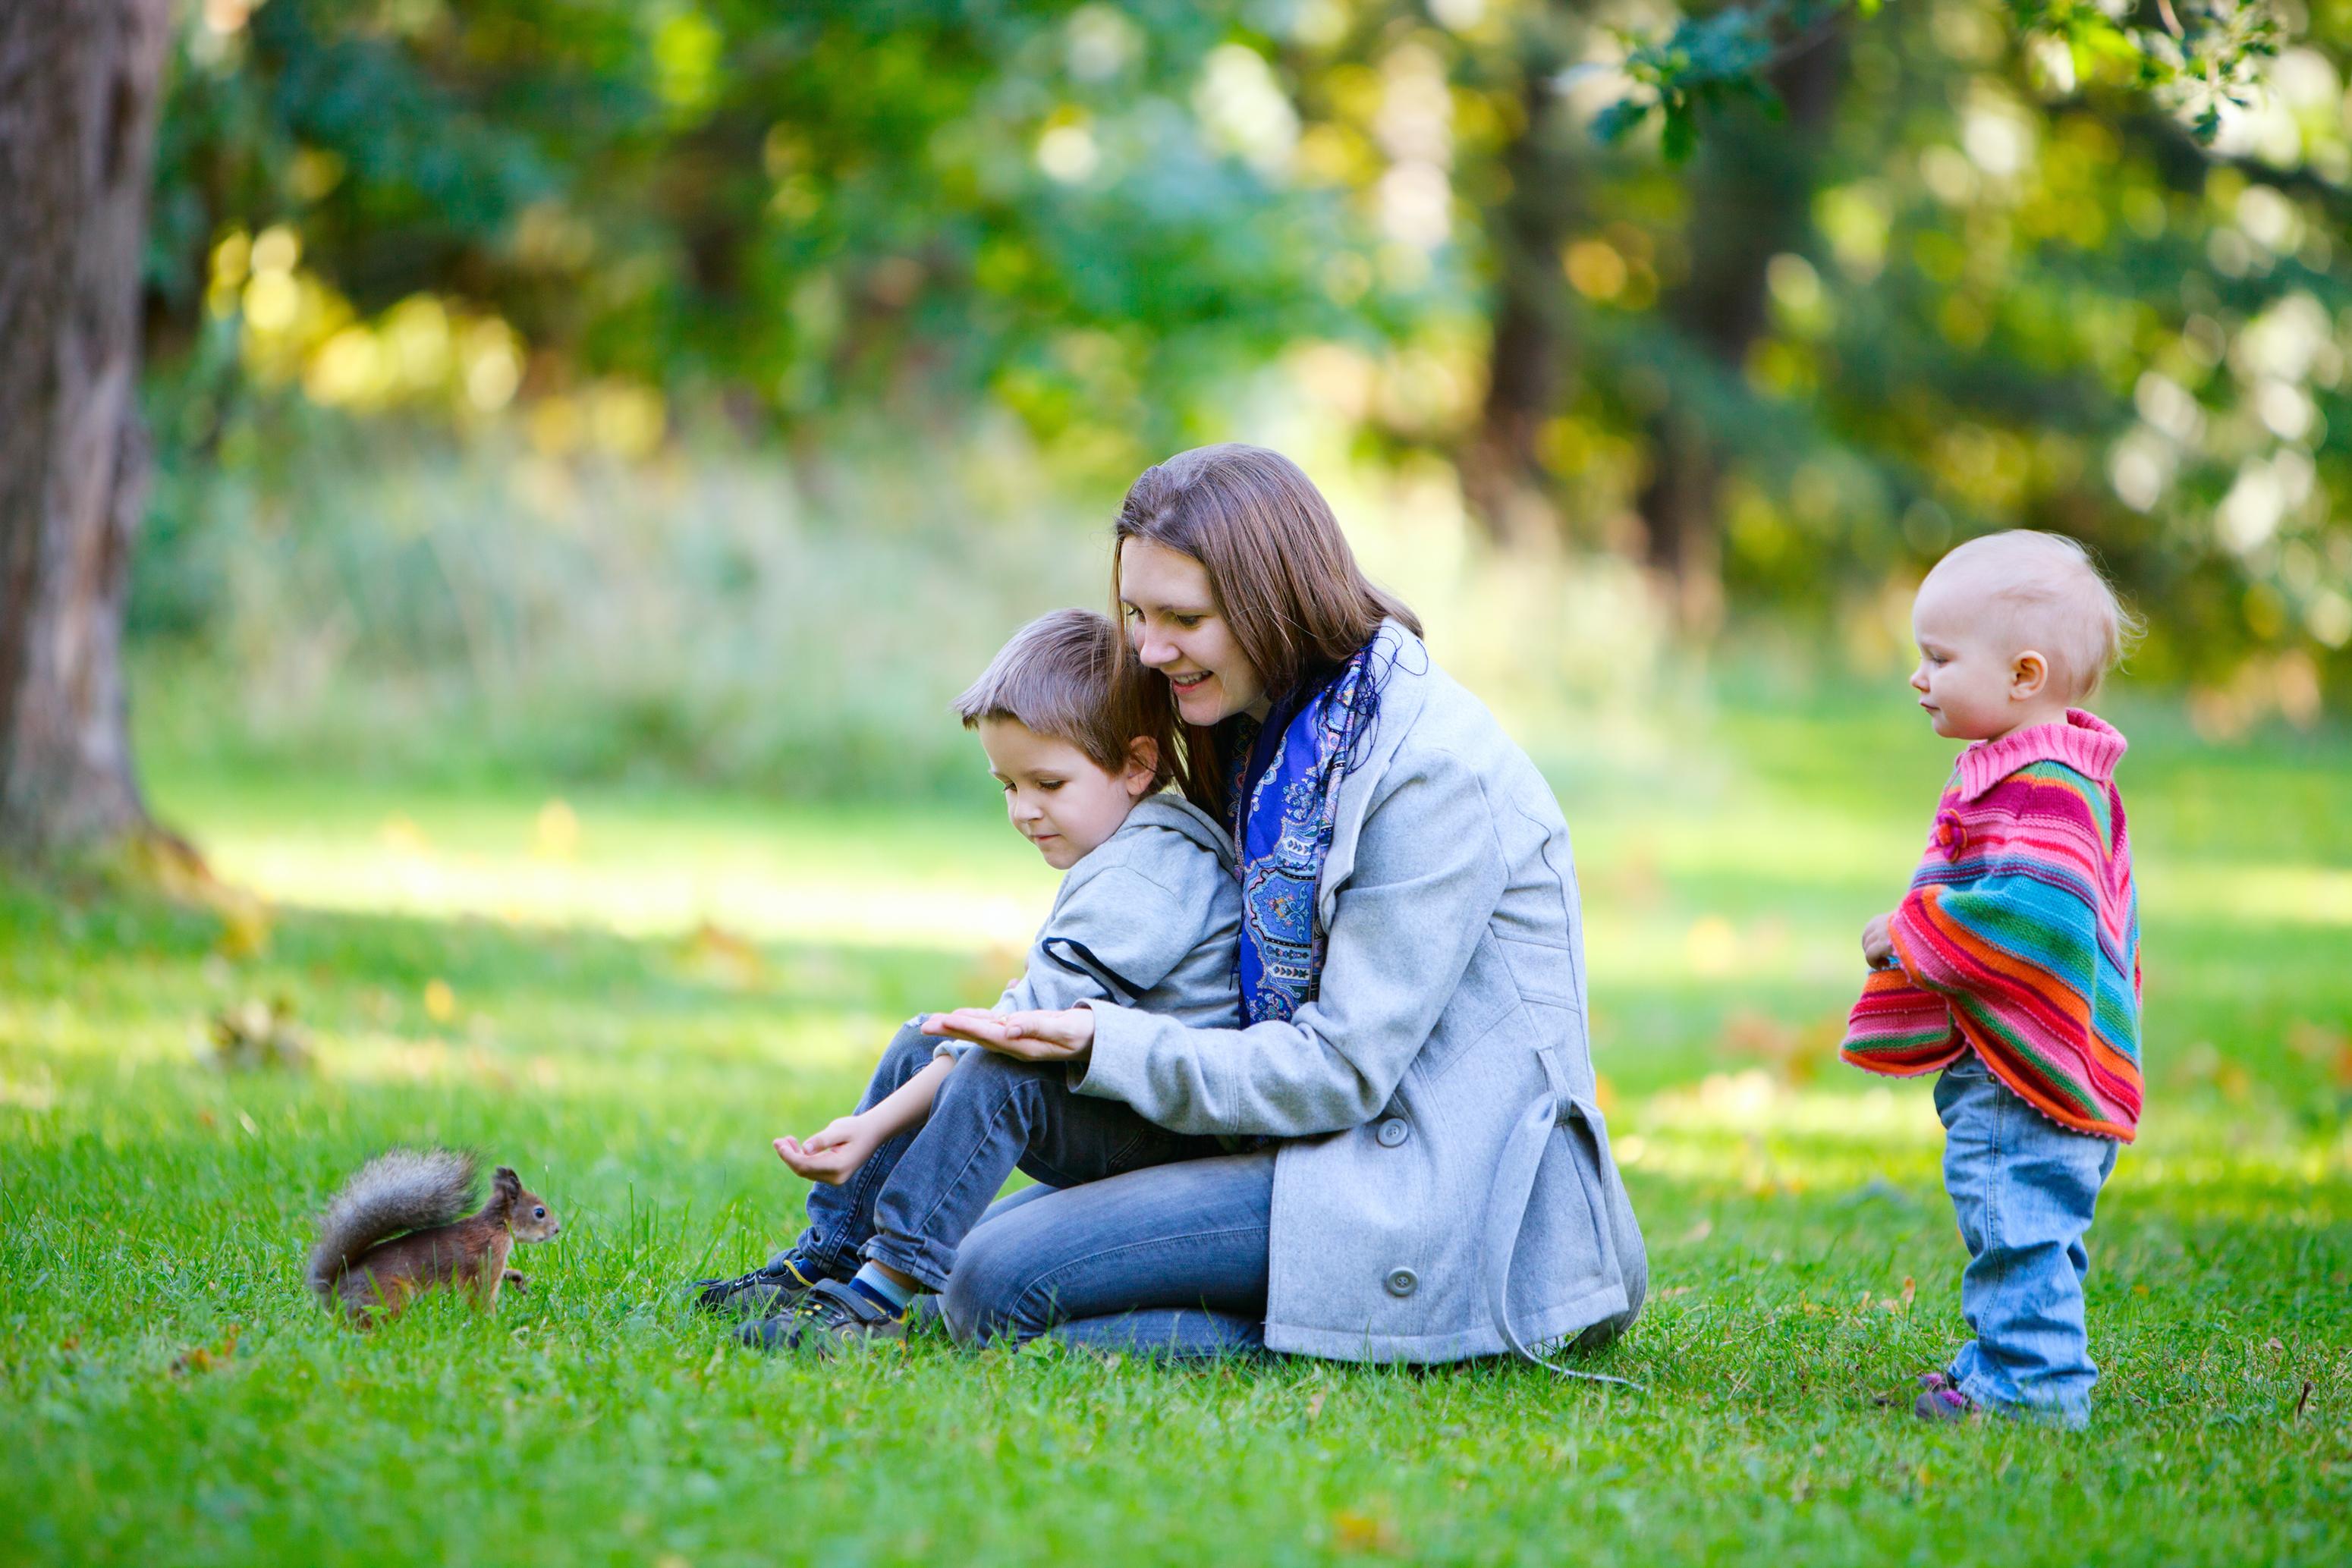 和父母共度的假日时光,将成为孩子一生珍藏的回忆。(BlueOrange Studio/Shutterstock)